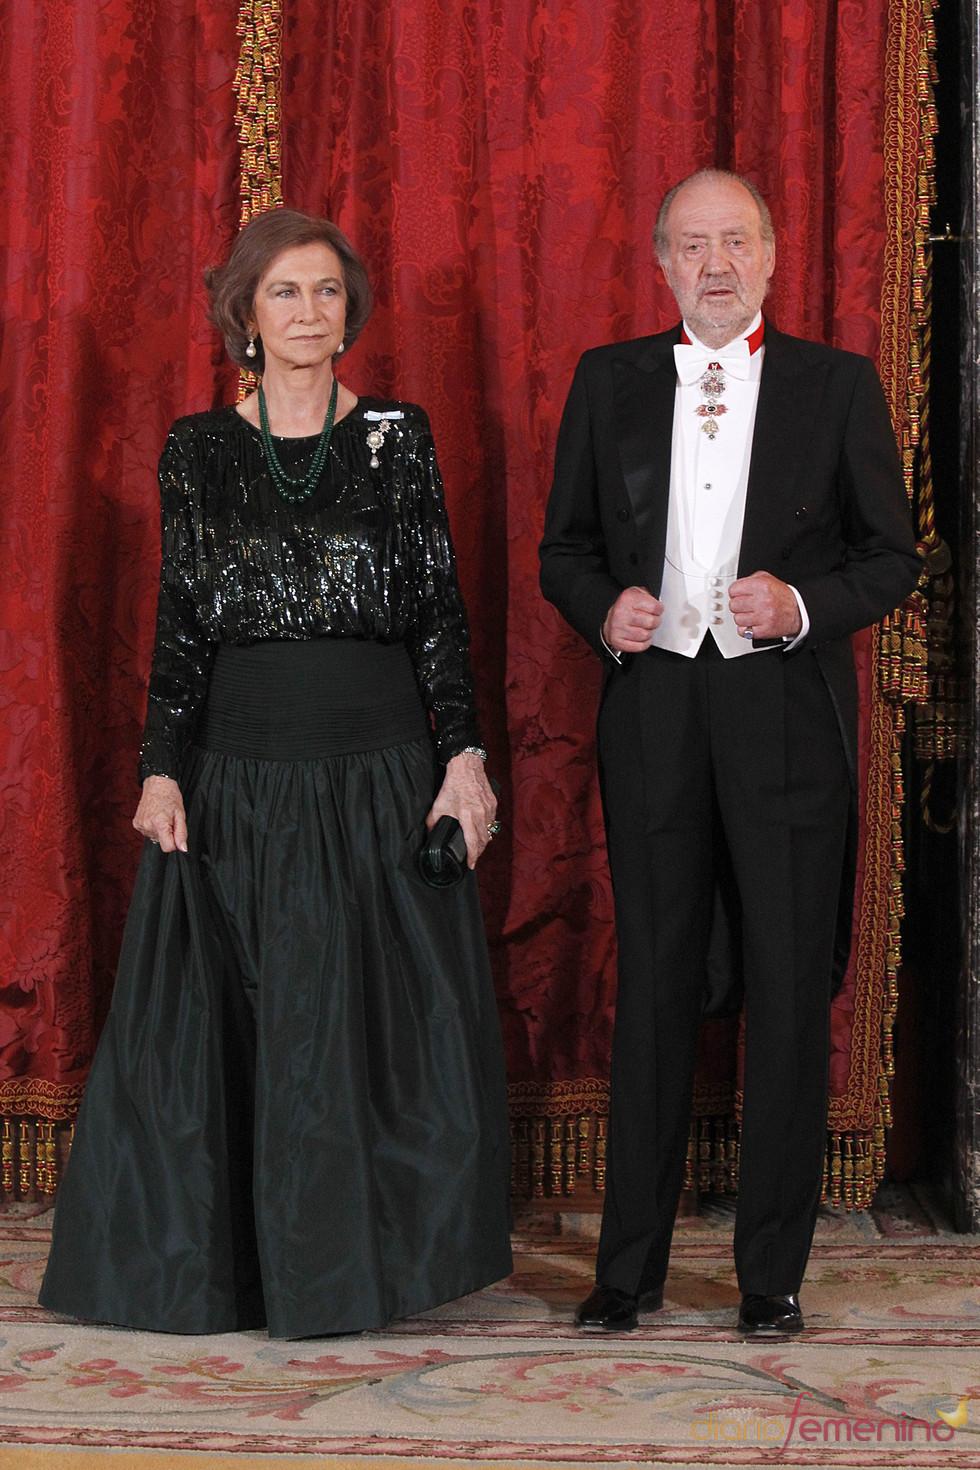 Los Reyes Juan Carlos y Sofía en la cena de gala en honor al emir de Qatar